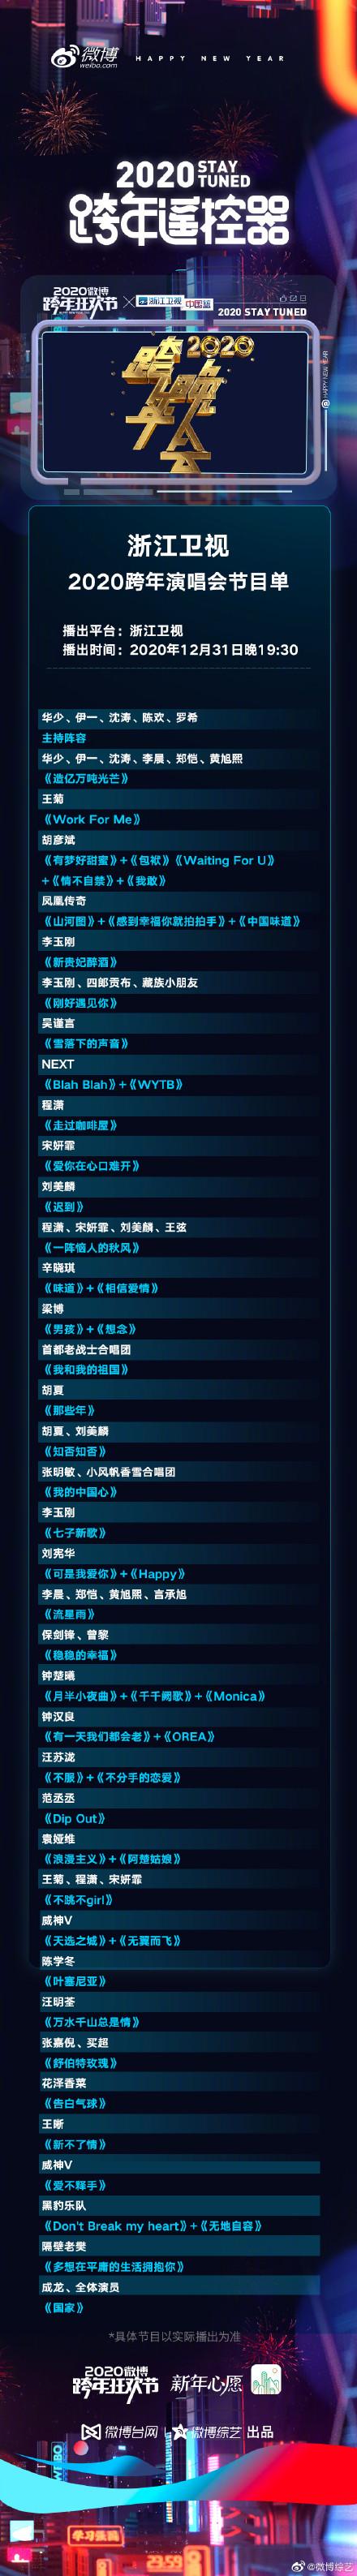 2020浙江衛視跨年晚會明星嘉賓陣容完整版+主持人都有誰